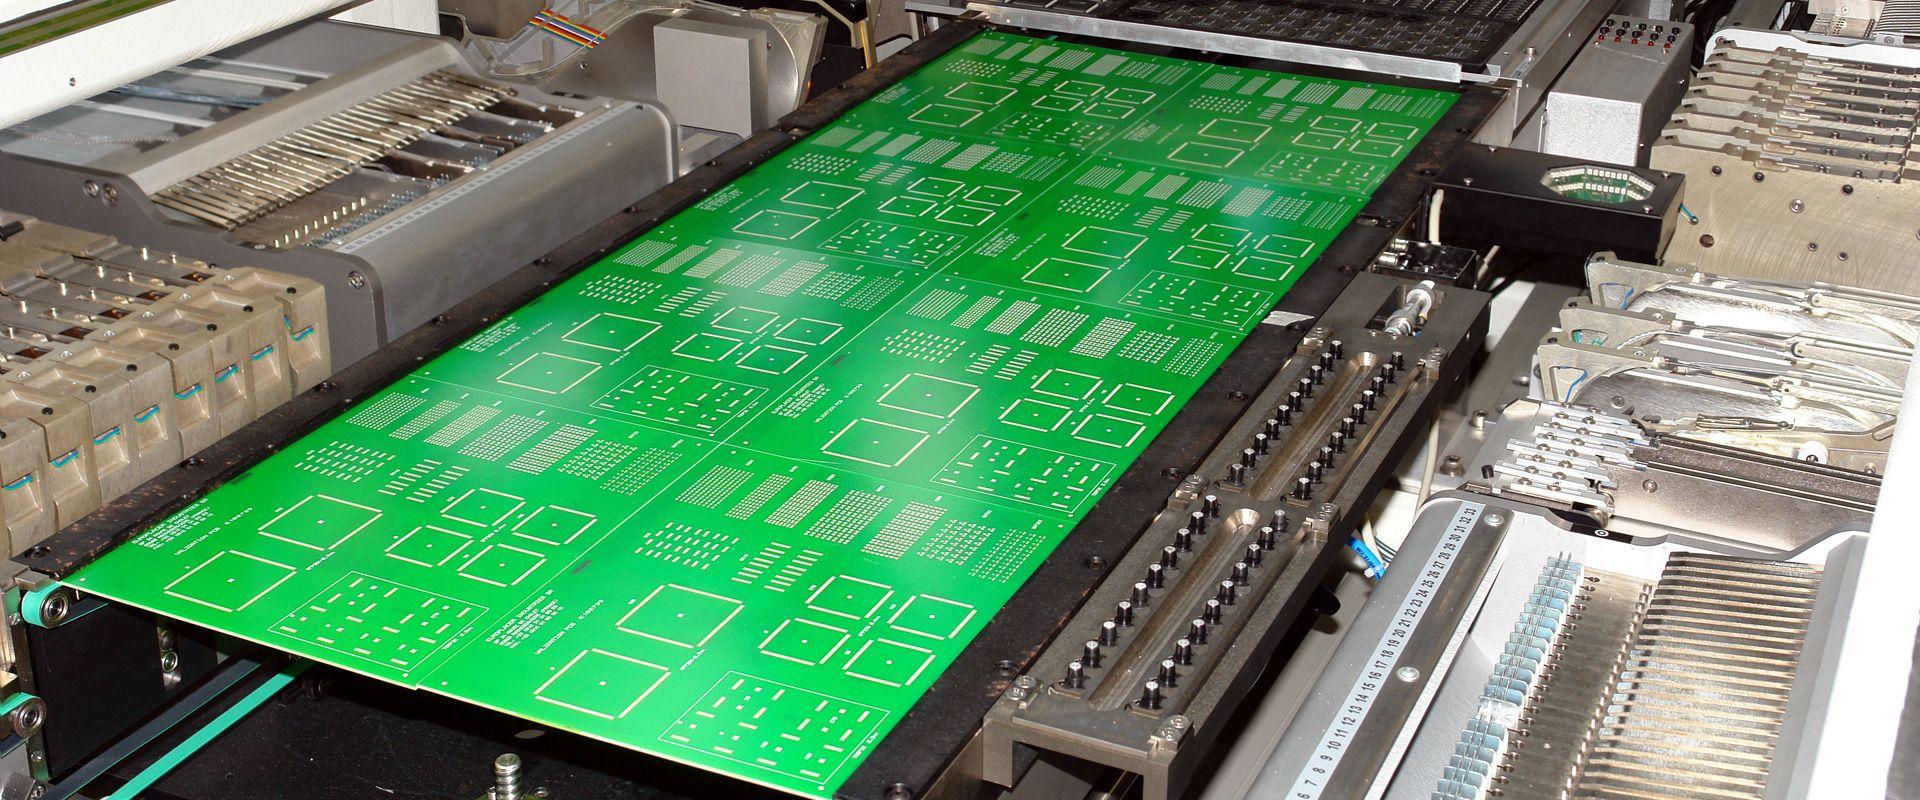 Printed Circuit Board Designer Printed Circuit Board Designer Images